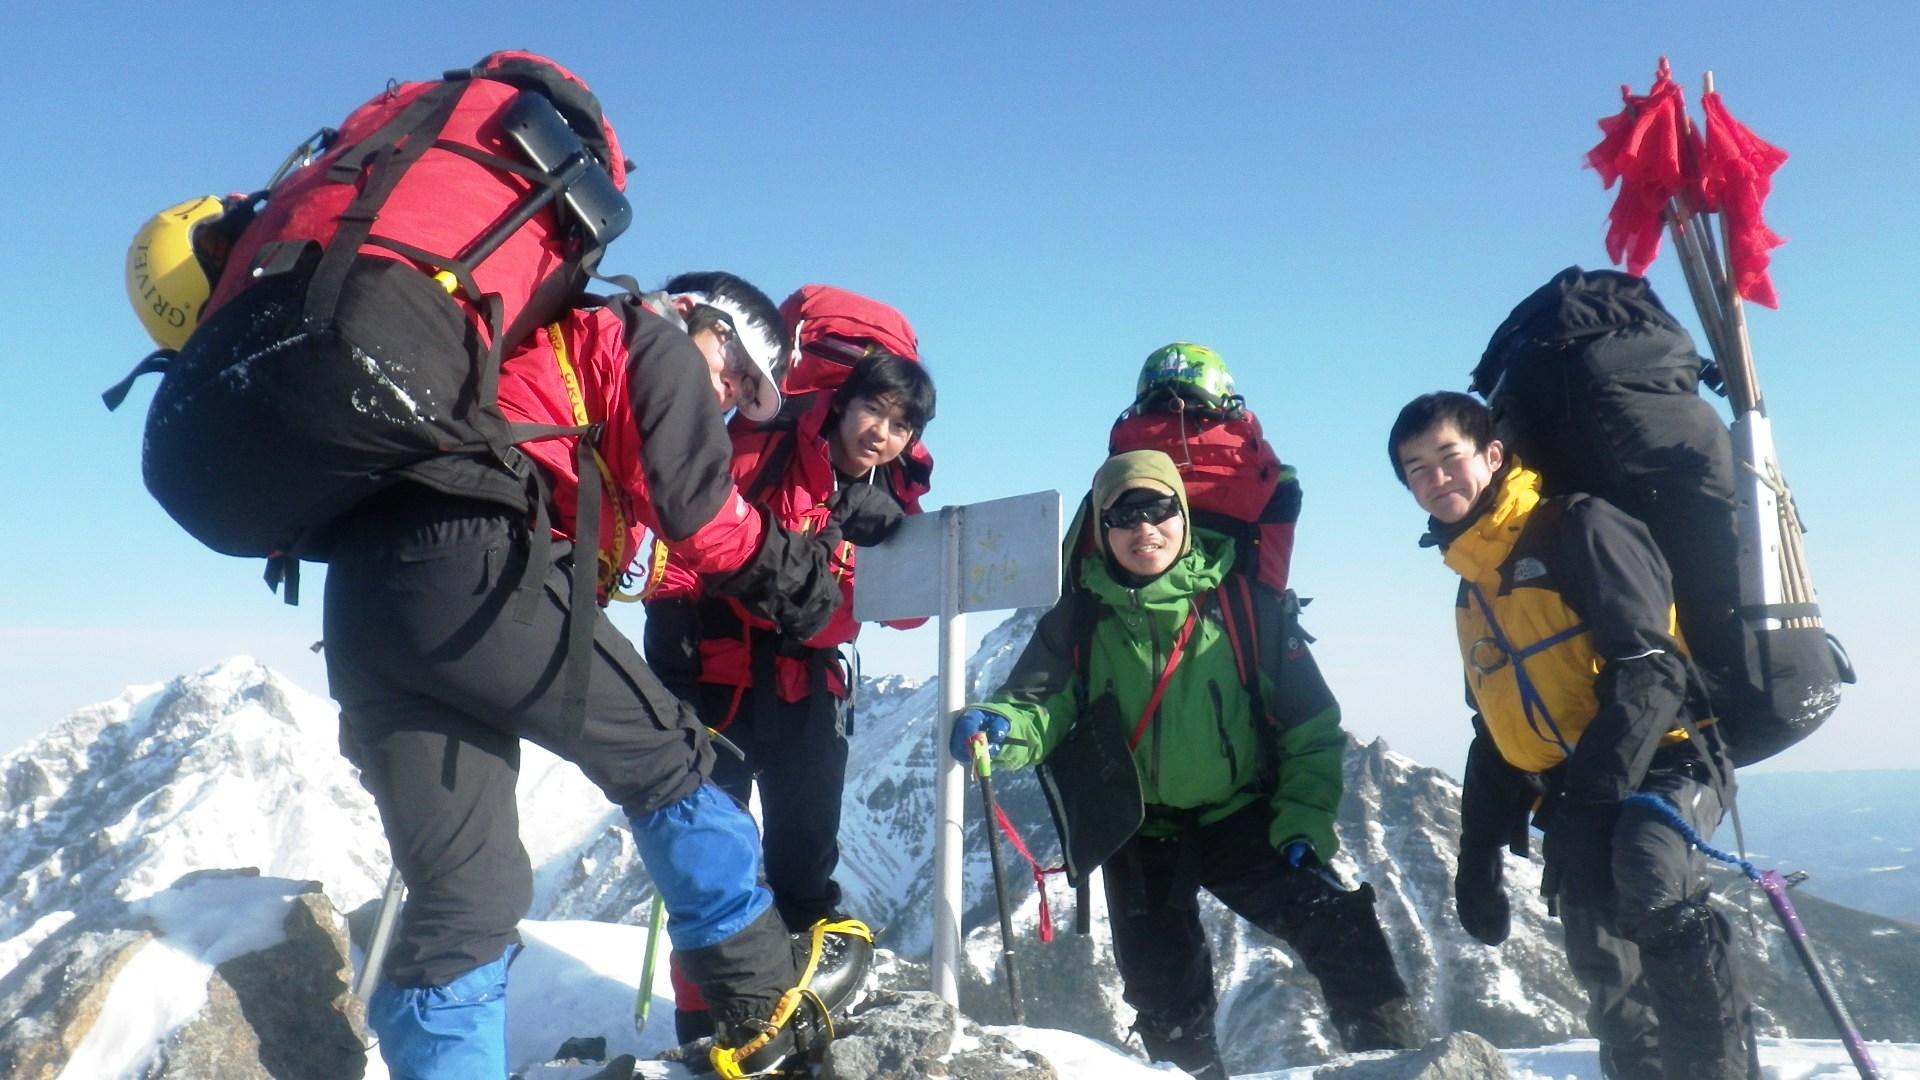 冬の八ヶ岳にSACが集う【八ヶ岳キレット縦走】_d0237801_114162.jpg